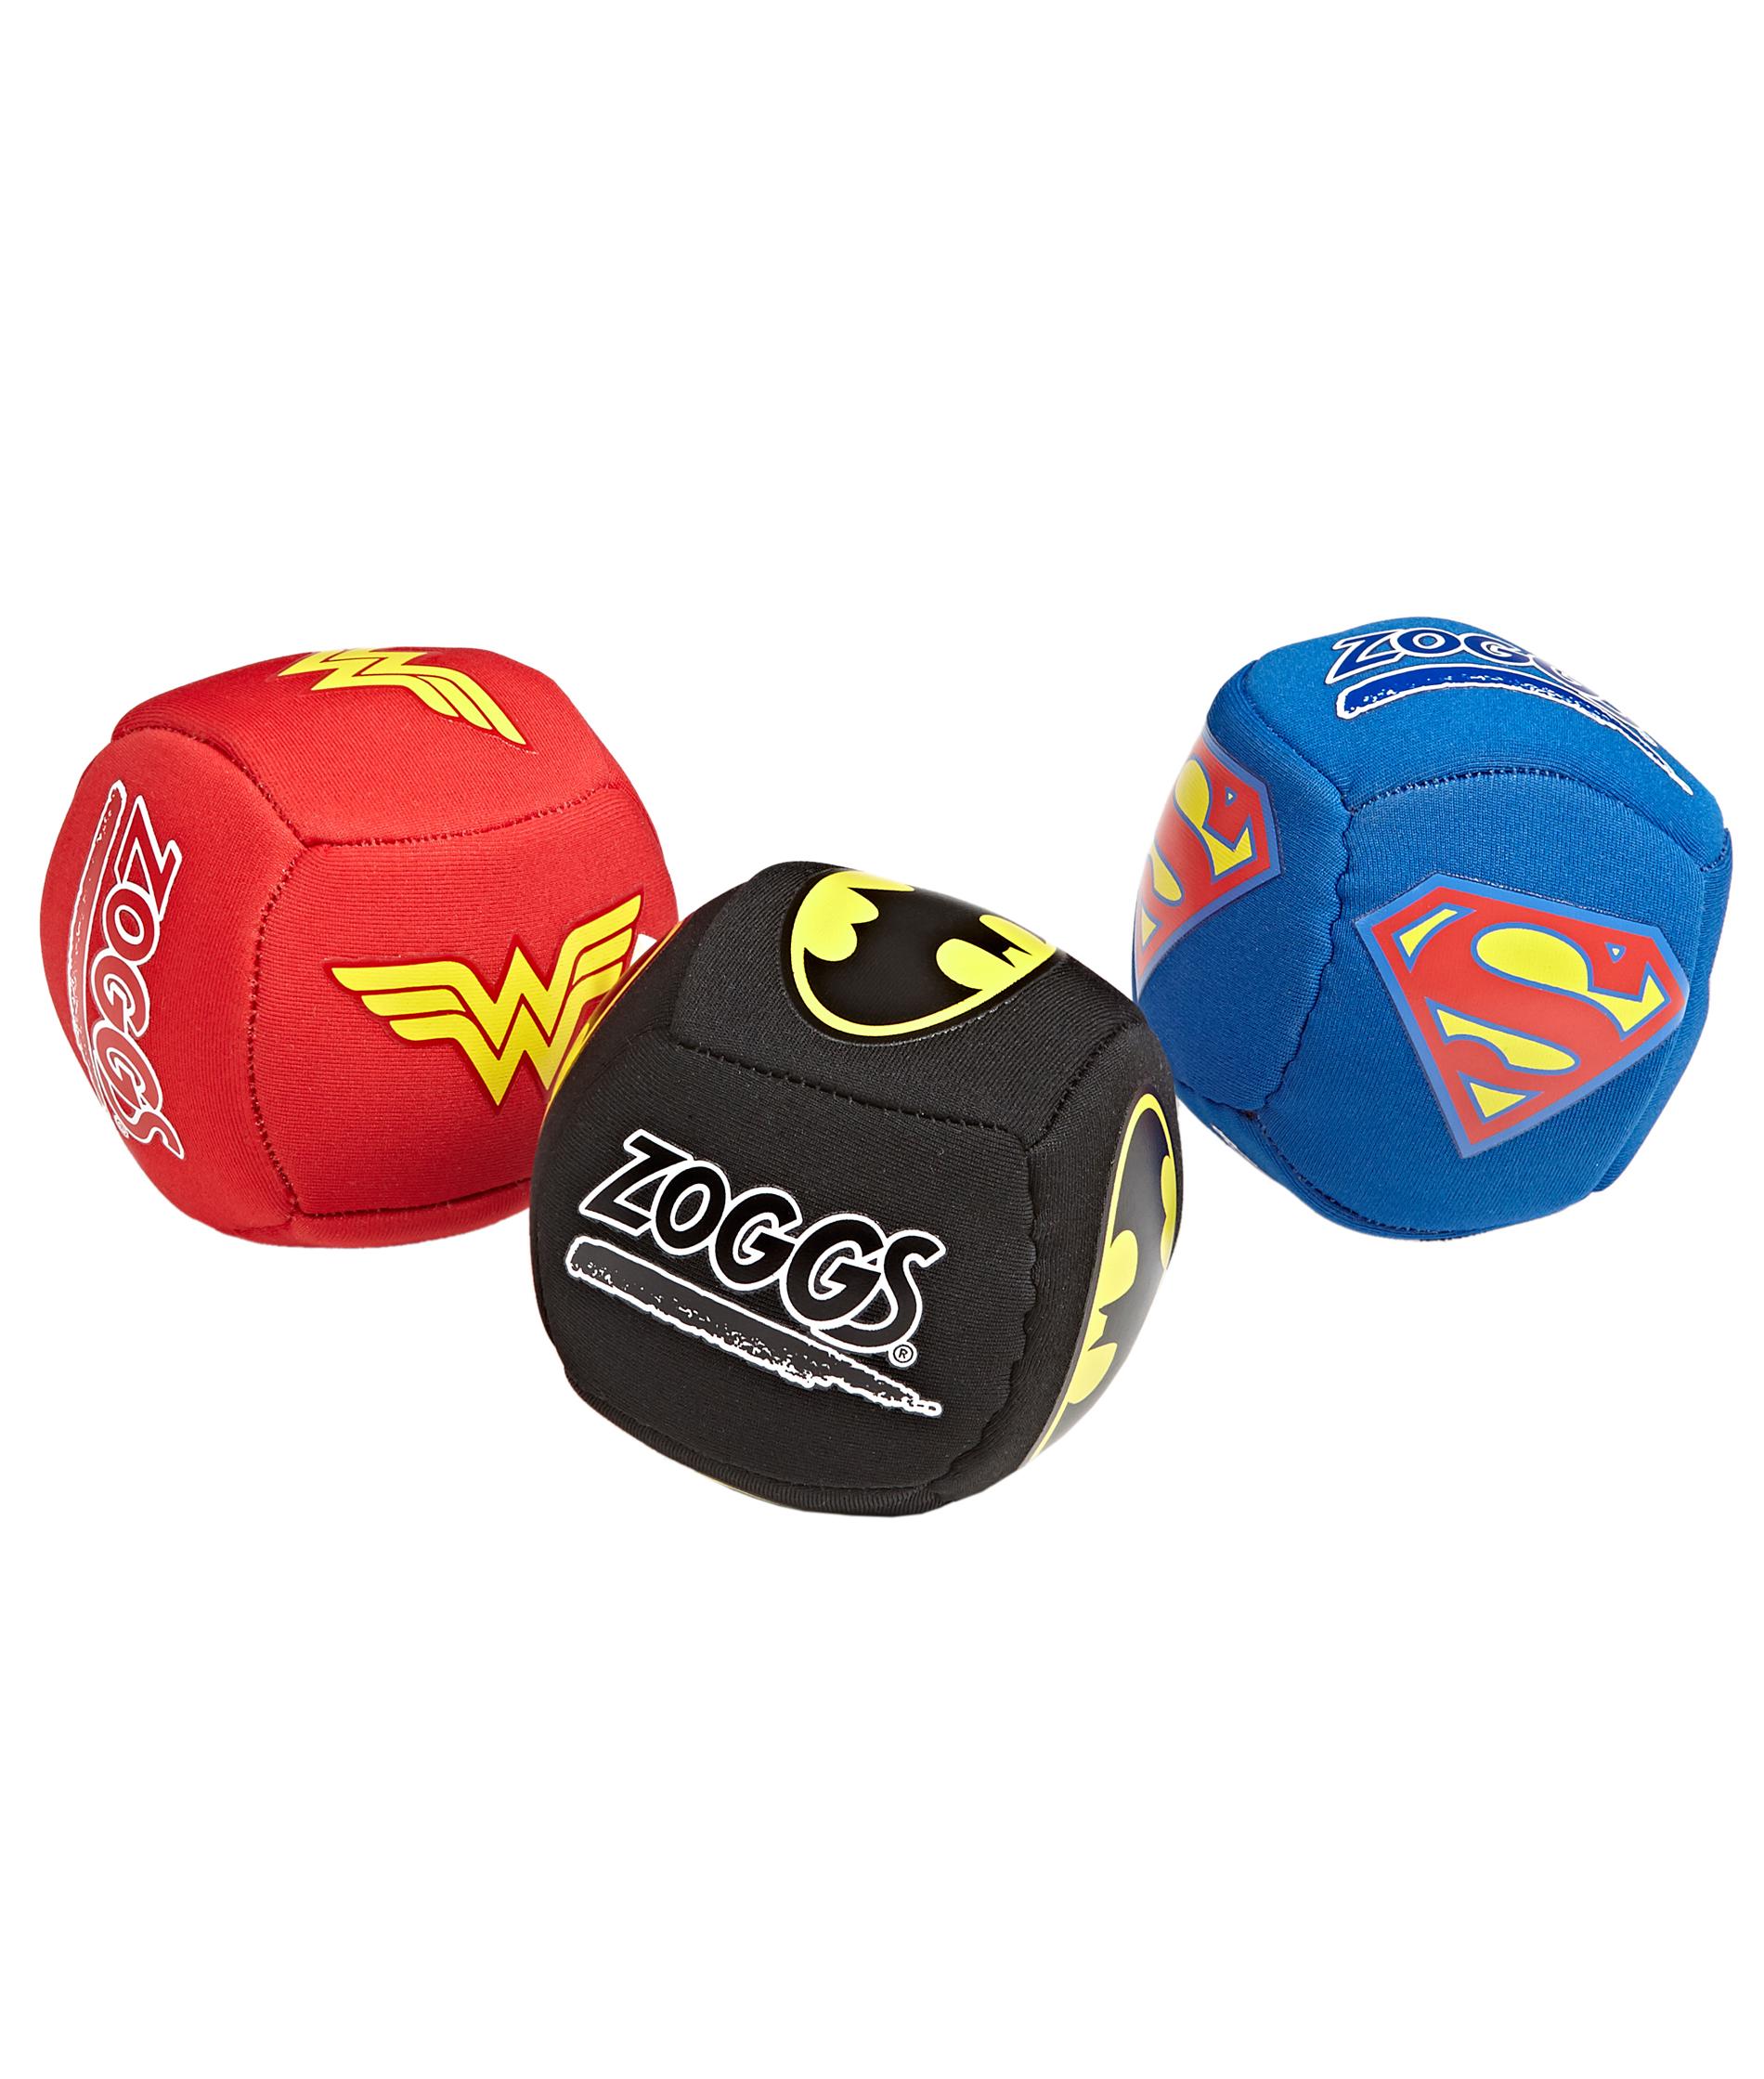 Zoggs Super Heroes Splash Balls - Assorted 3 pack